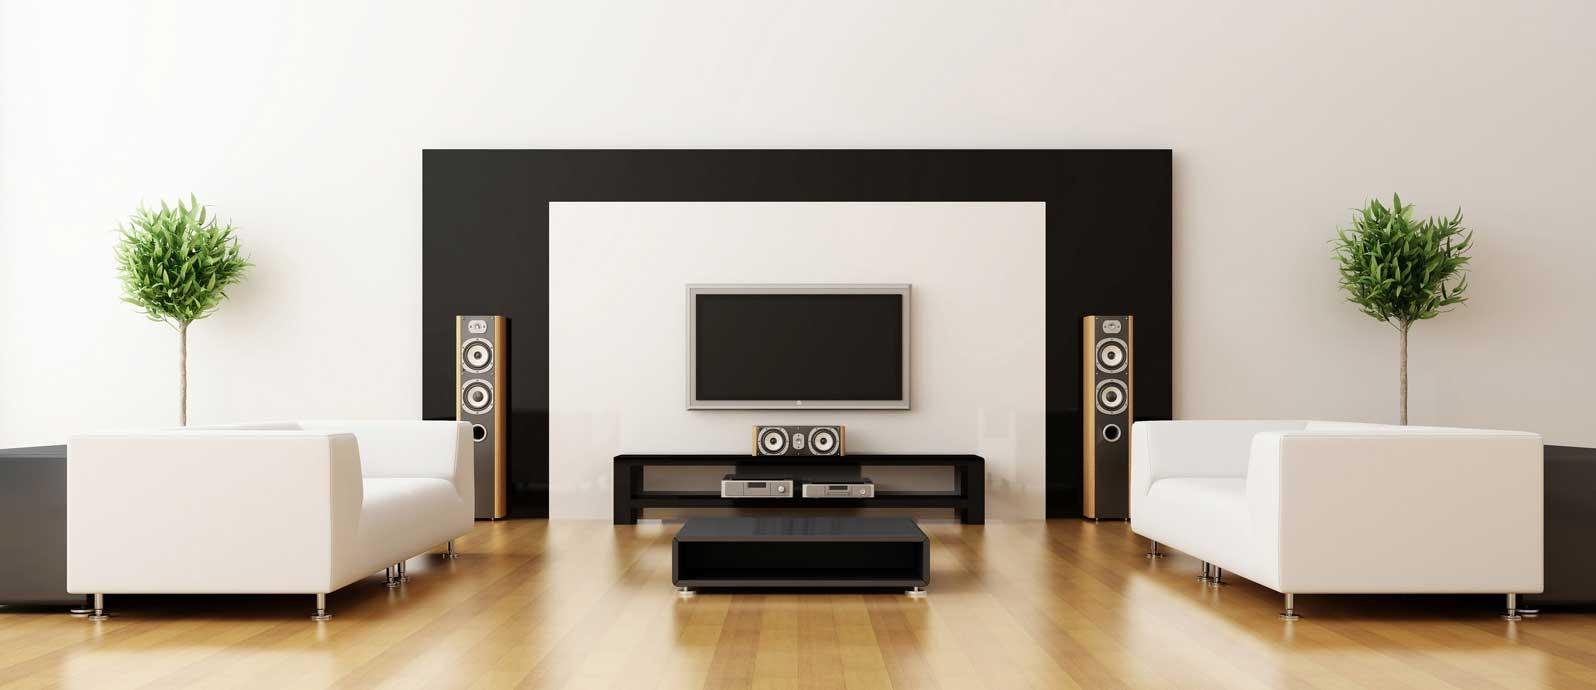 Unique-Interior-design-for-